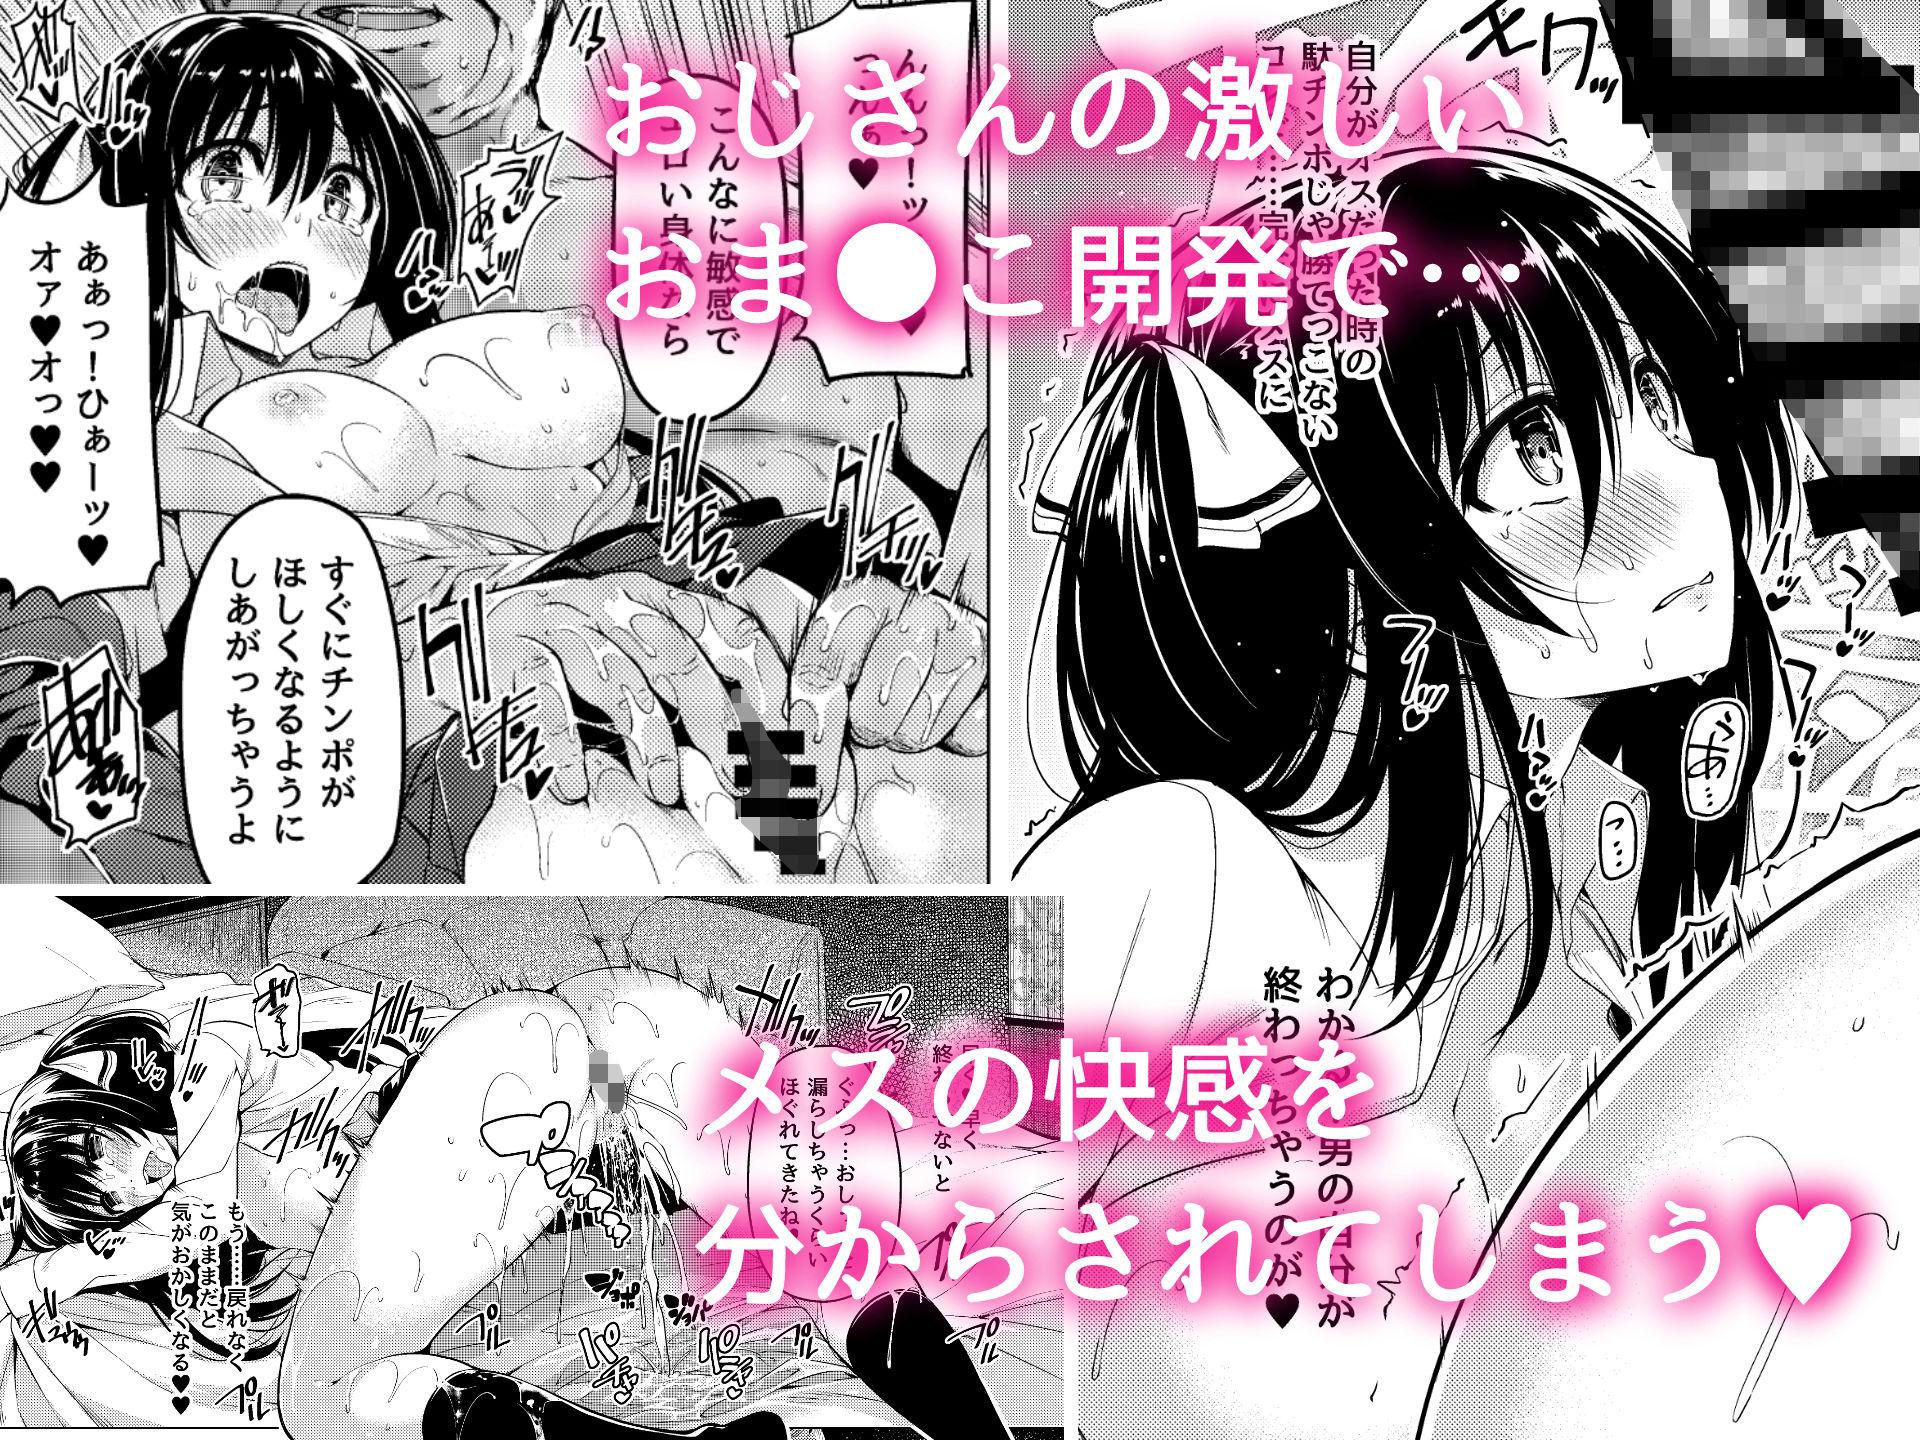 【三食昼寝付きTS 】TS娘があっさりメス堕ち!!